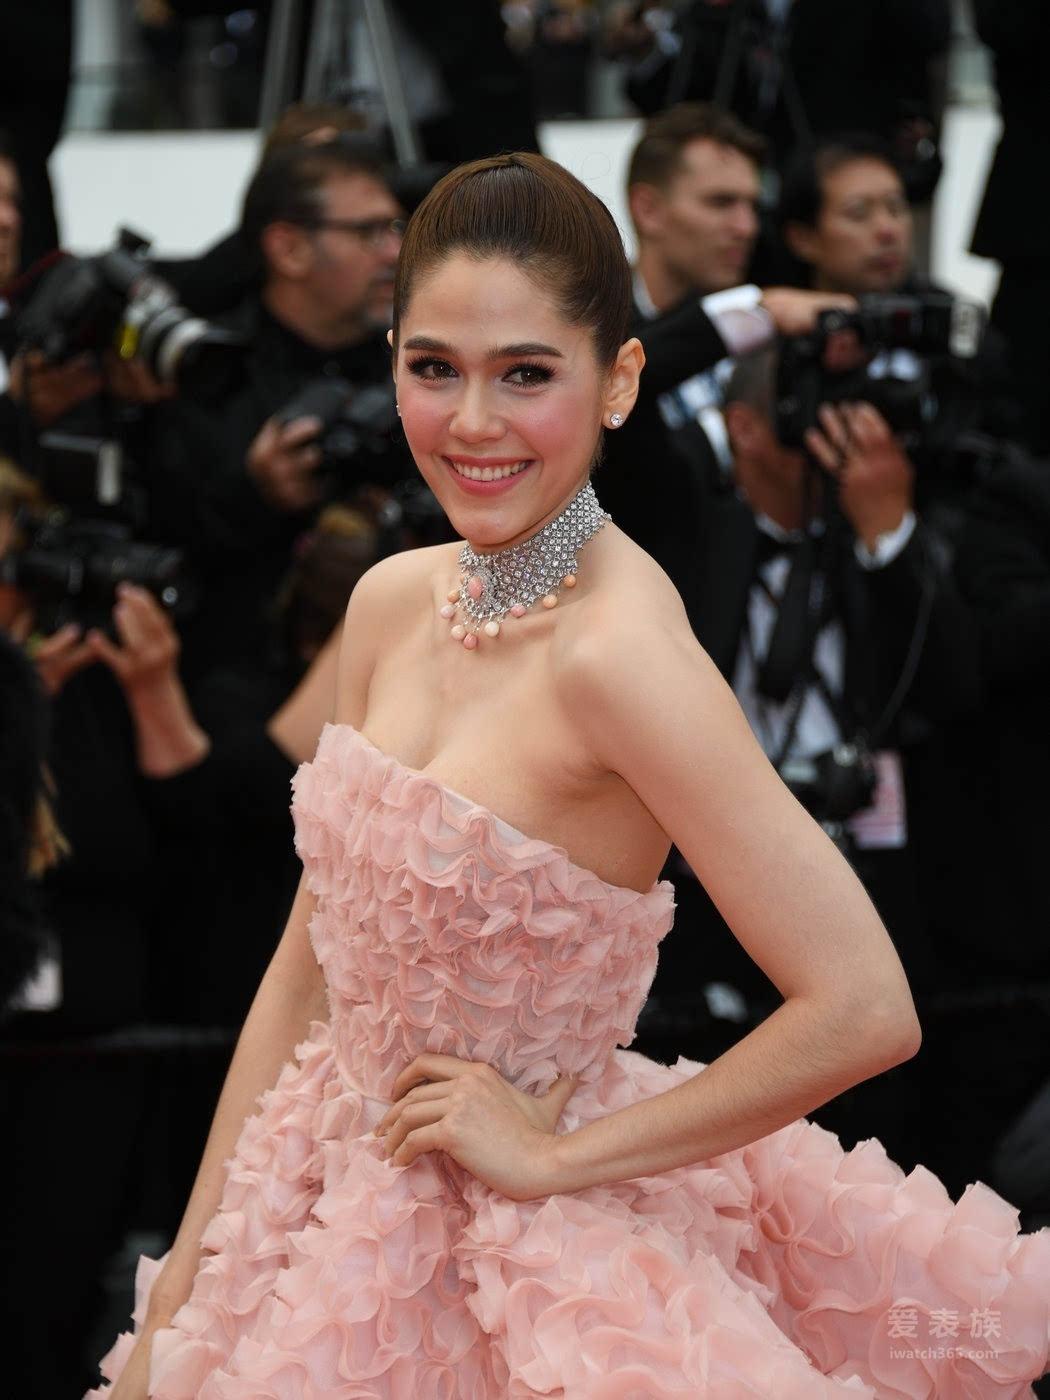 泰国女星 阿尔雅·哈吉特(Araya Hargate)佩戴一根Chopard萧邦Red Carpet系列18k白金镶嵌76.5克拉孔克珠及90.76克拉钻石项链